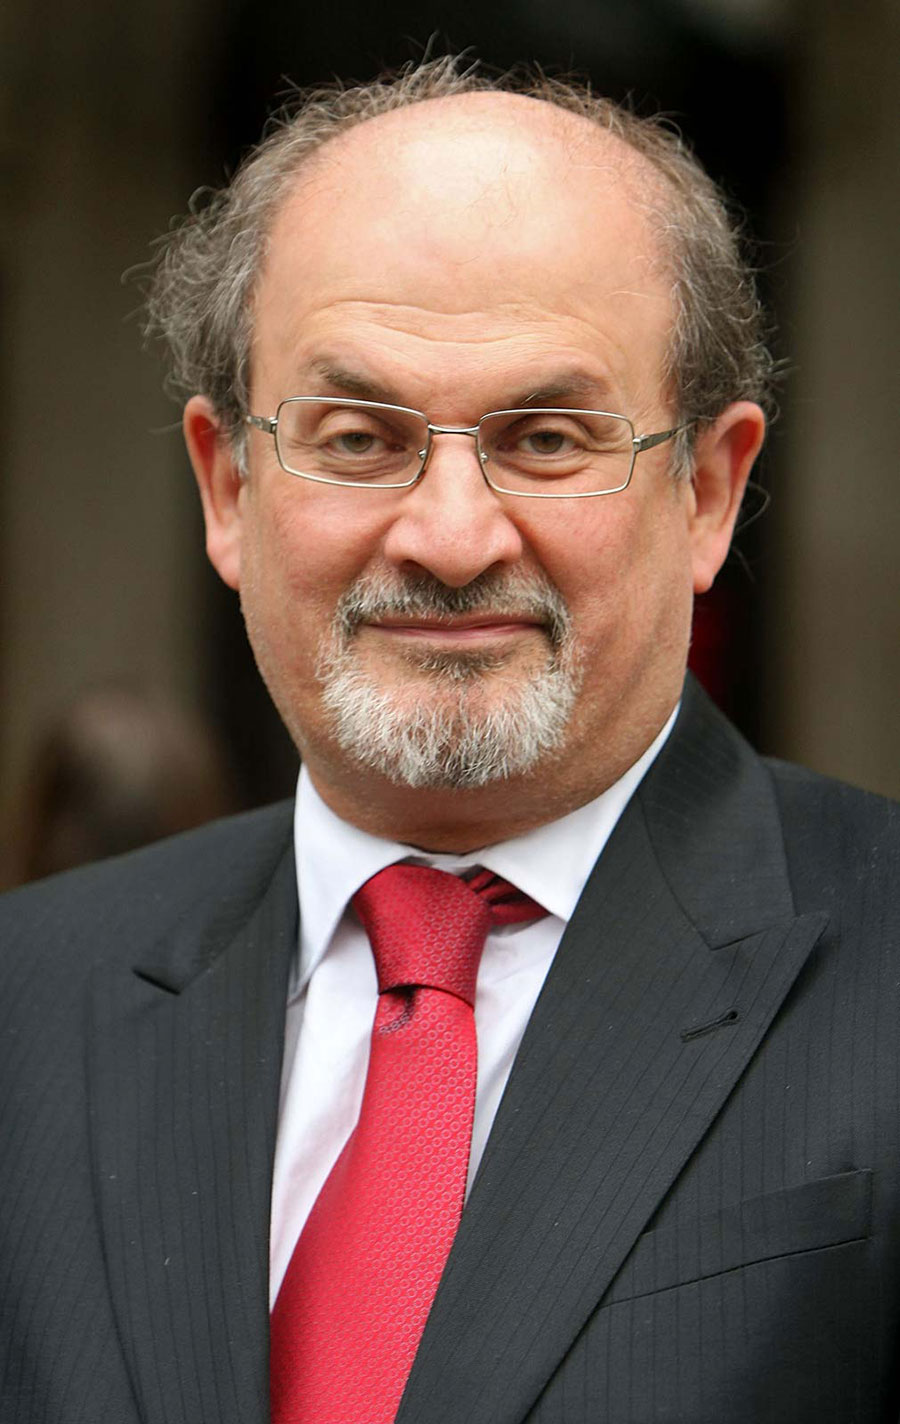 سلمان رشدی - Salman Rushdie